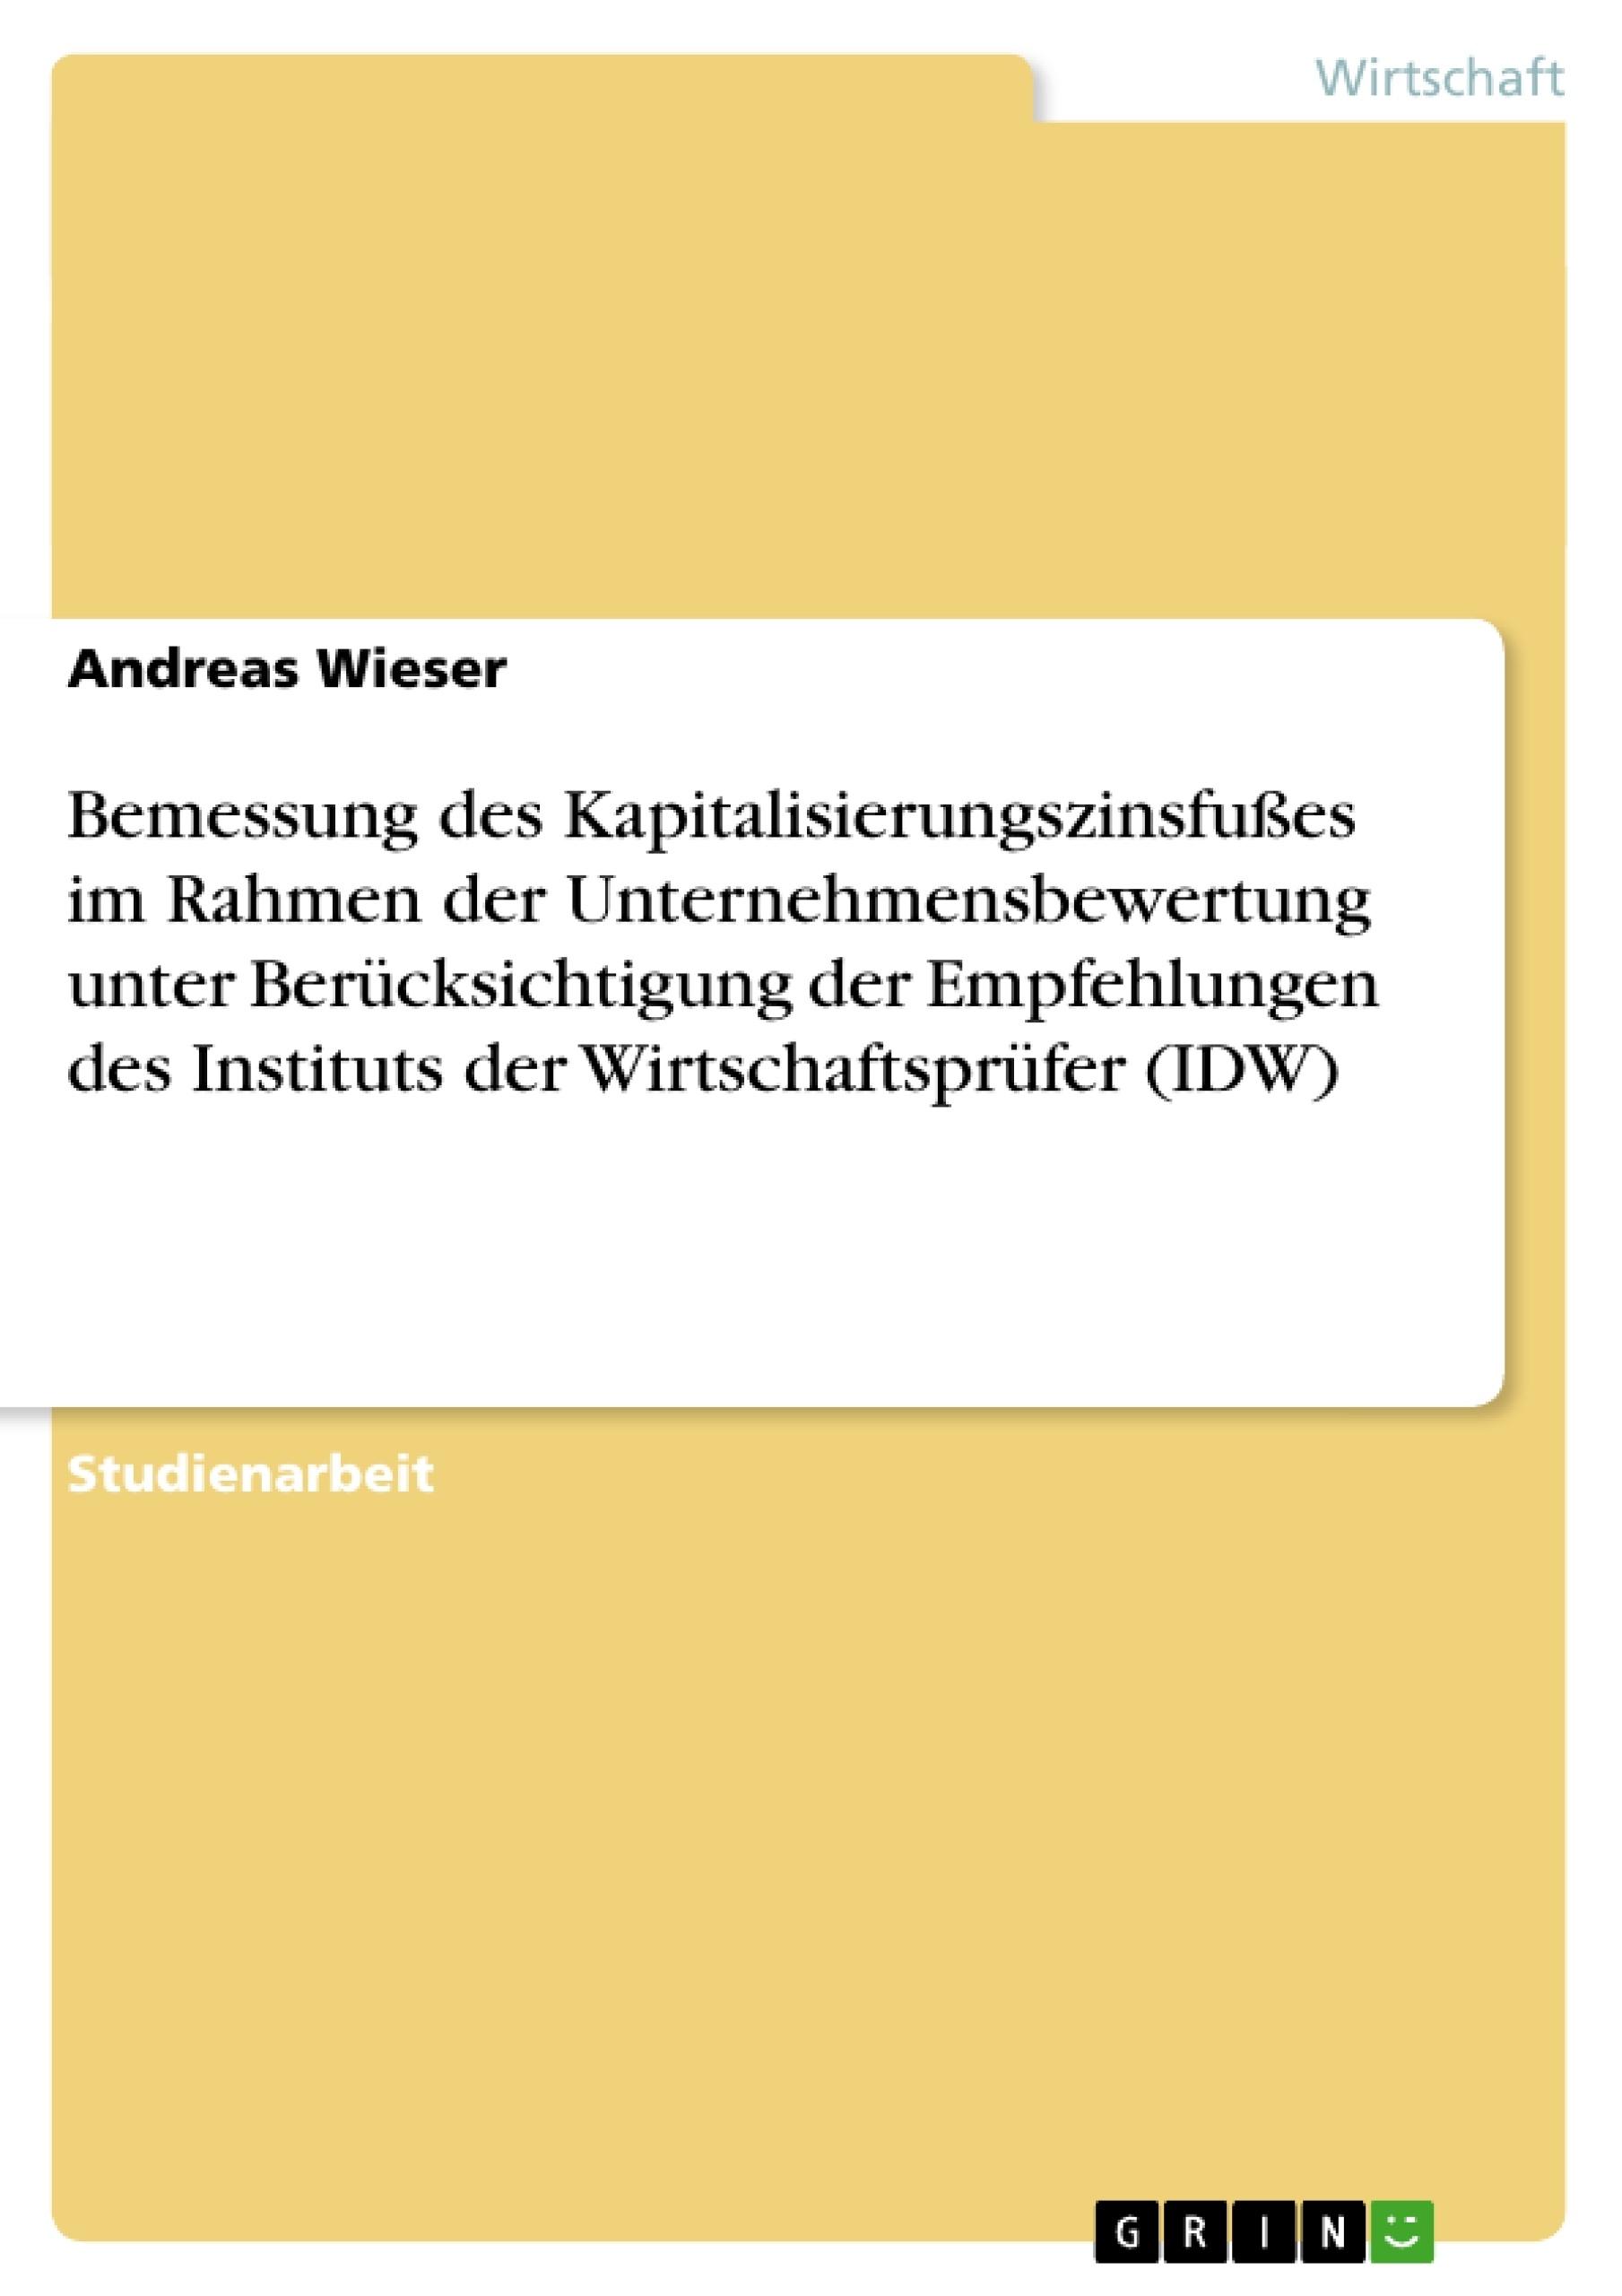 Titel: Bemessung des Kapitalisierungszinsfußes im Rahmen der Unternehmensbewertung unter Berücksichtigung der Empfehlungen des Instituts der Wirtschaftsprüfer (IDW)